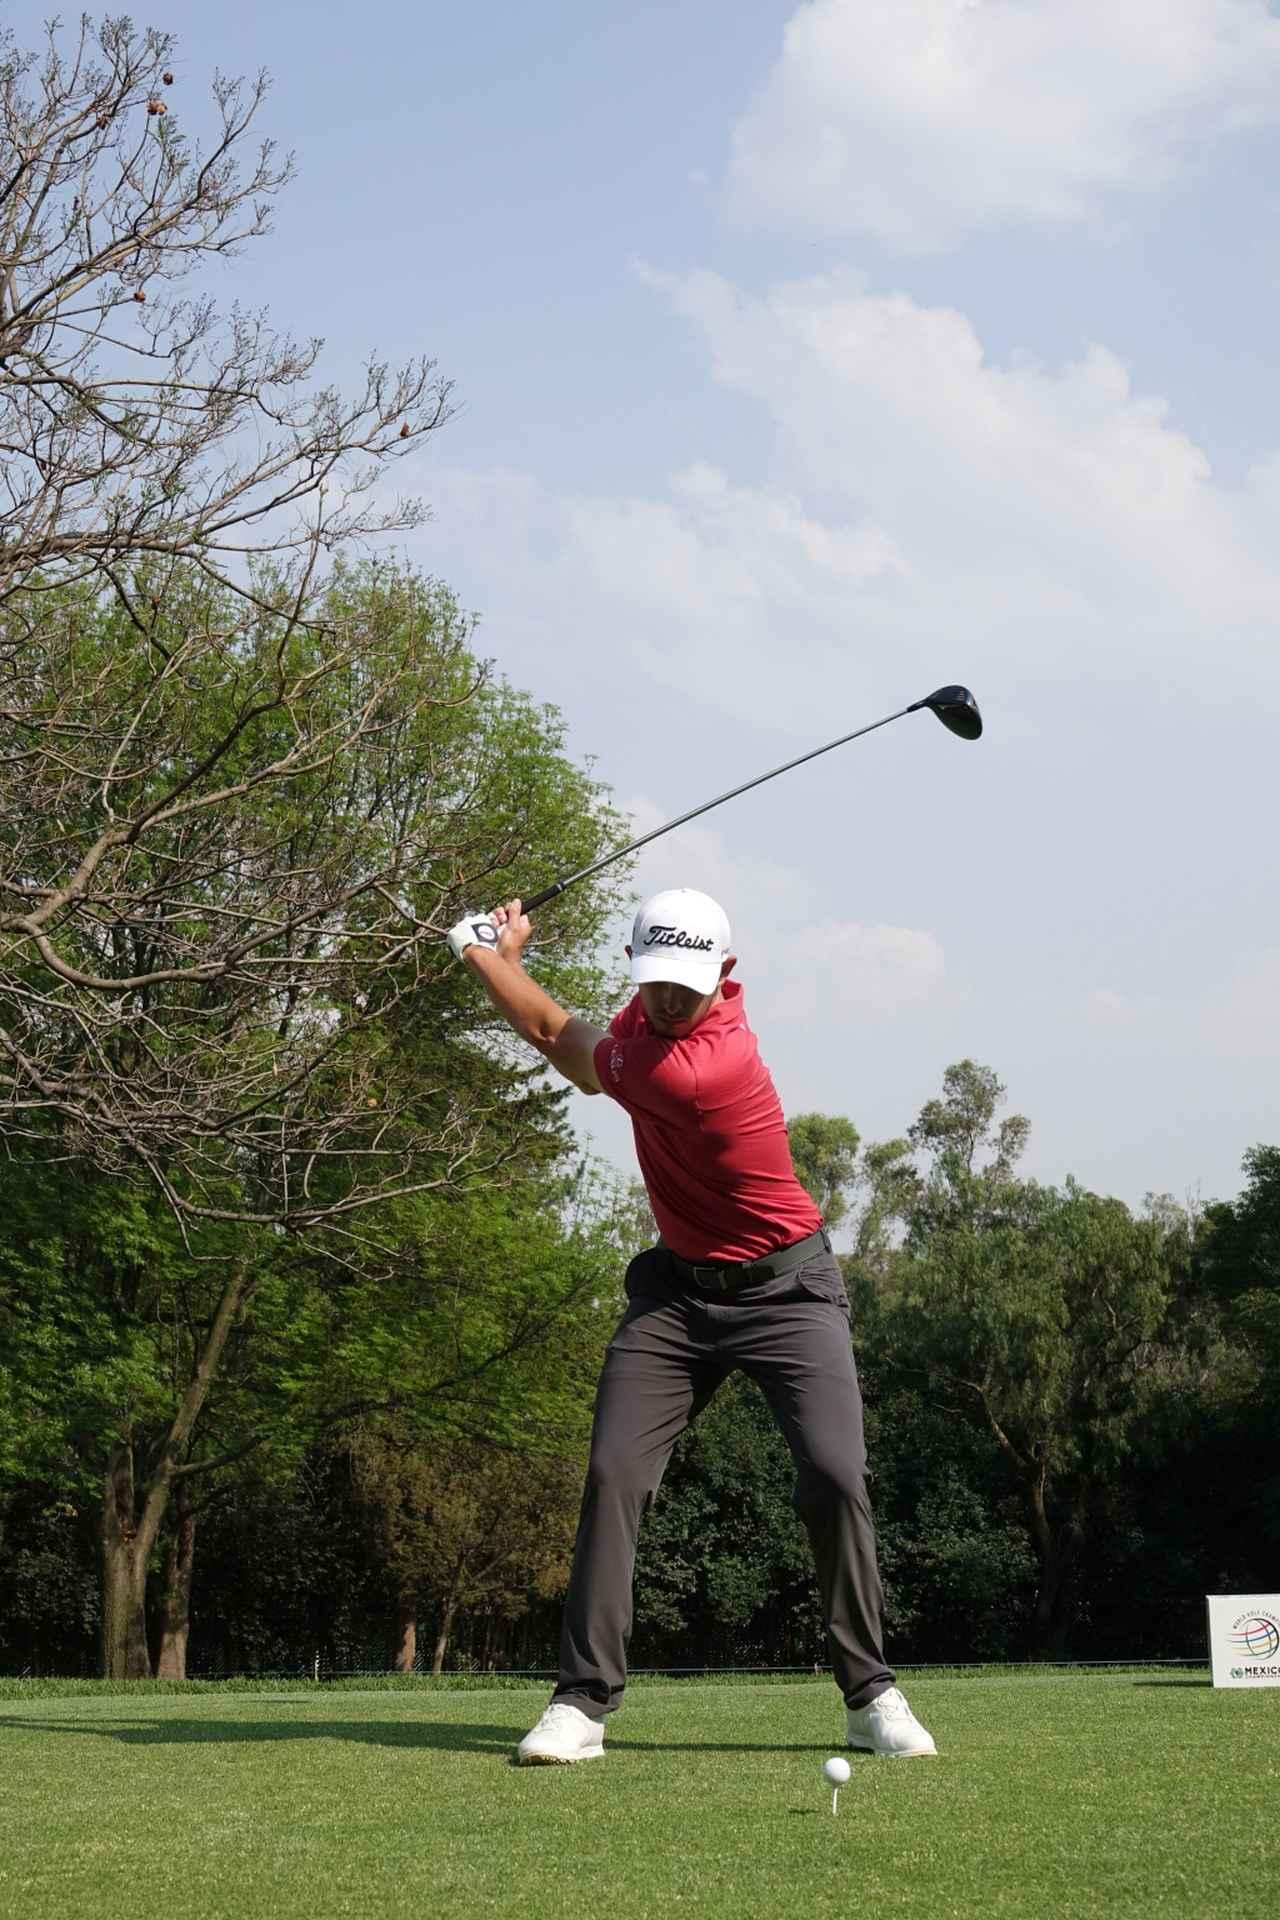 画像 : 9番目の画像 - パトリック・カントレーのドライバー連続写真 - みんなのゴルフダイジェスト